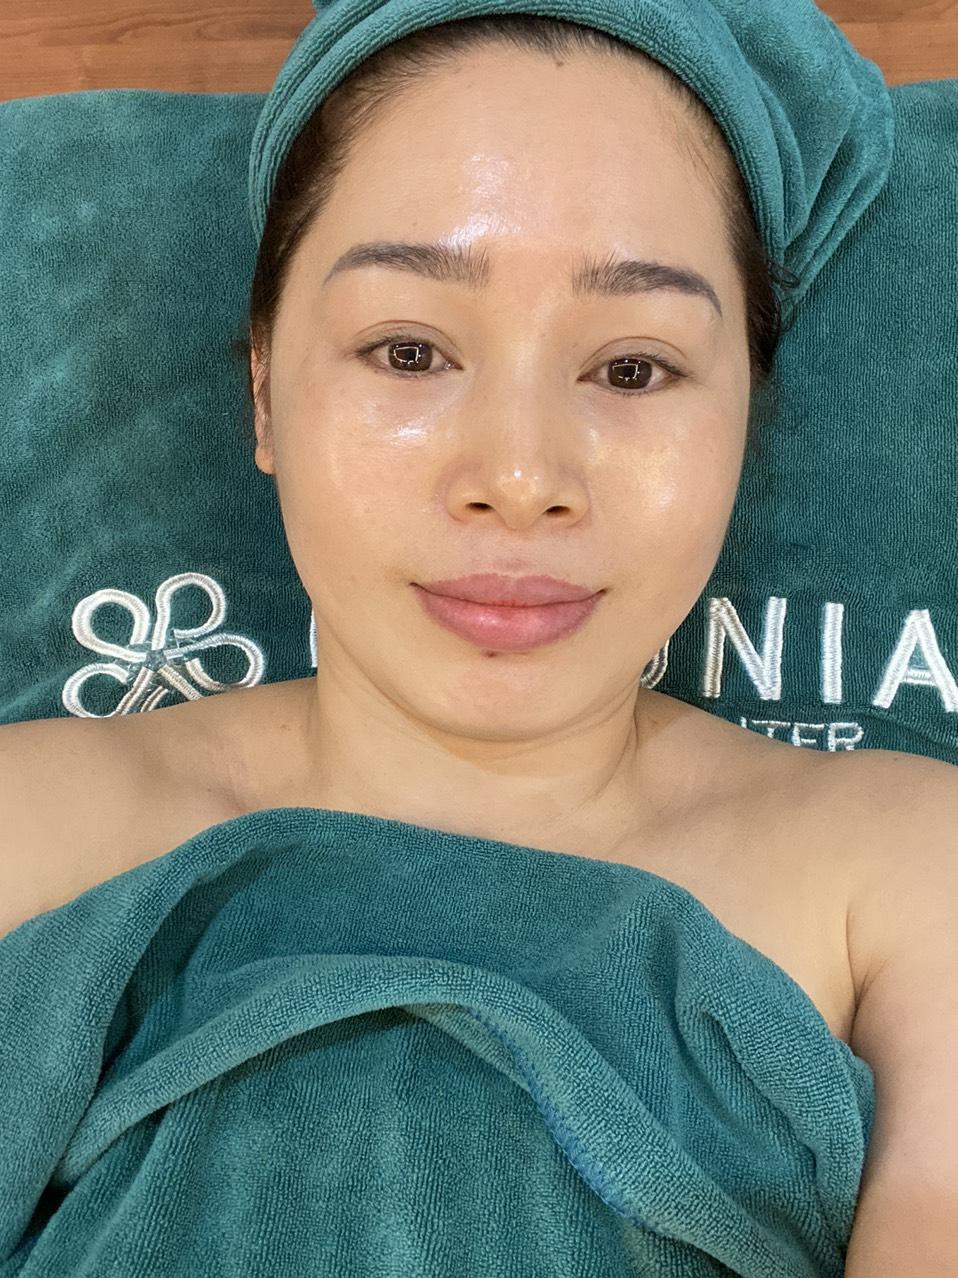 Làn da chị Nhung mịn màng, ít nếp nhăn hơn sau khi trải nghiệp công nghệ trẻ hóa da sinh học Double Collagen.